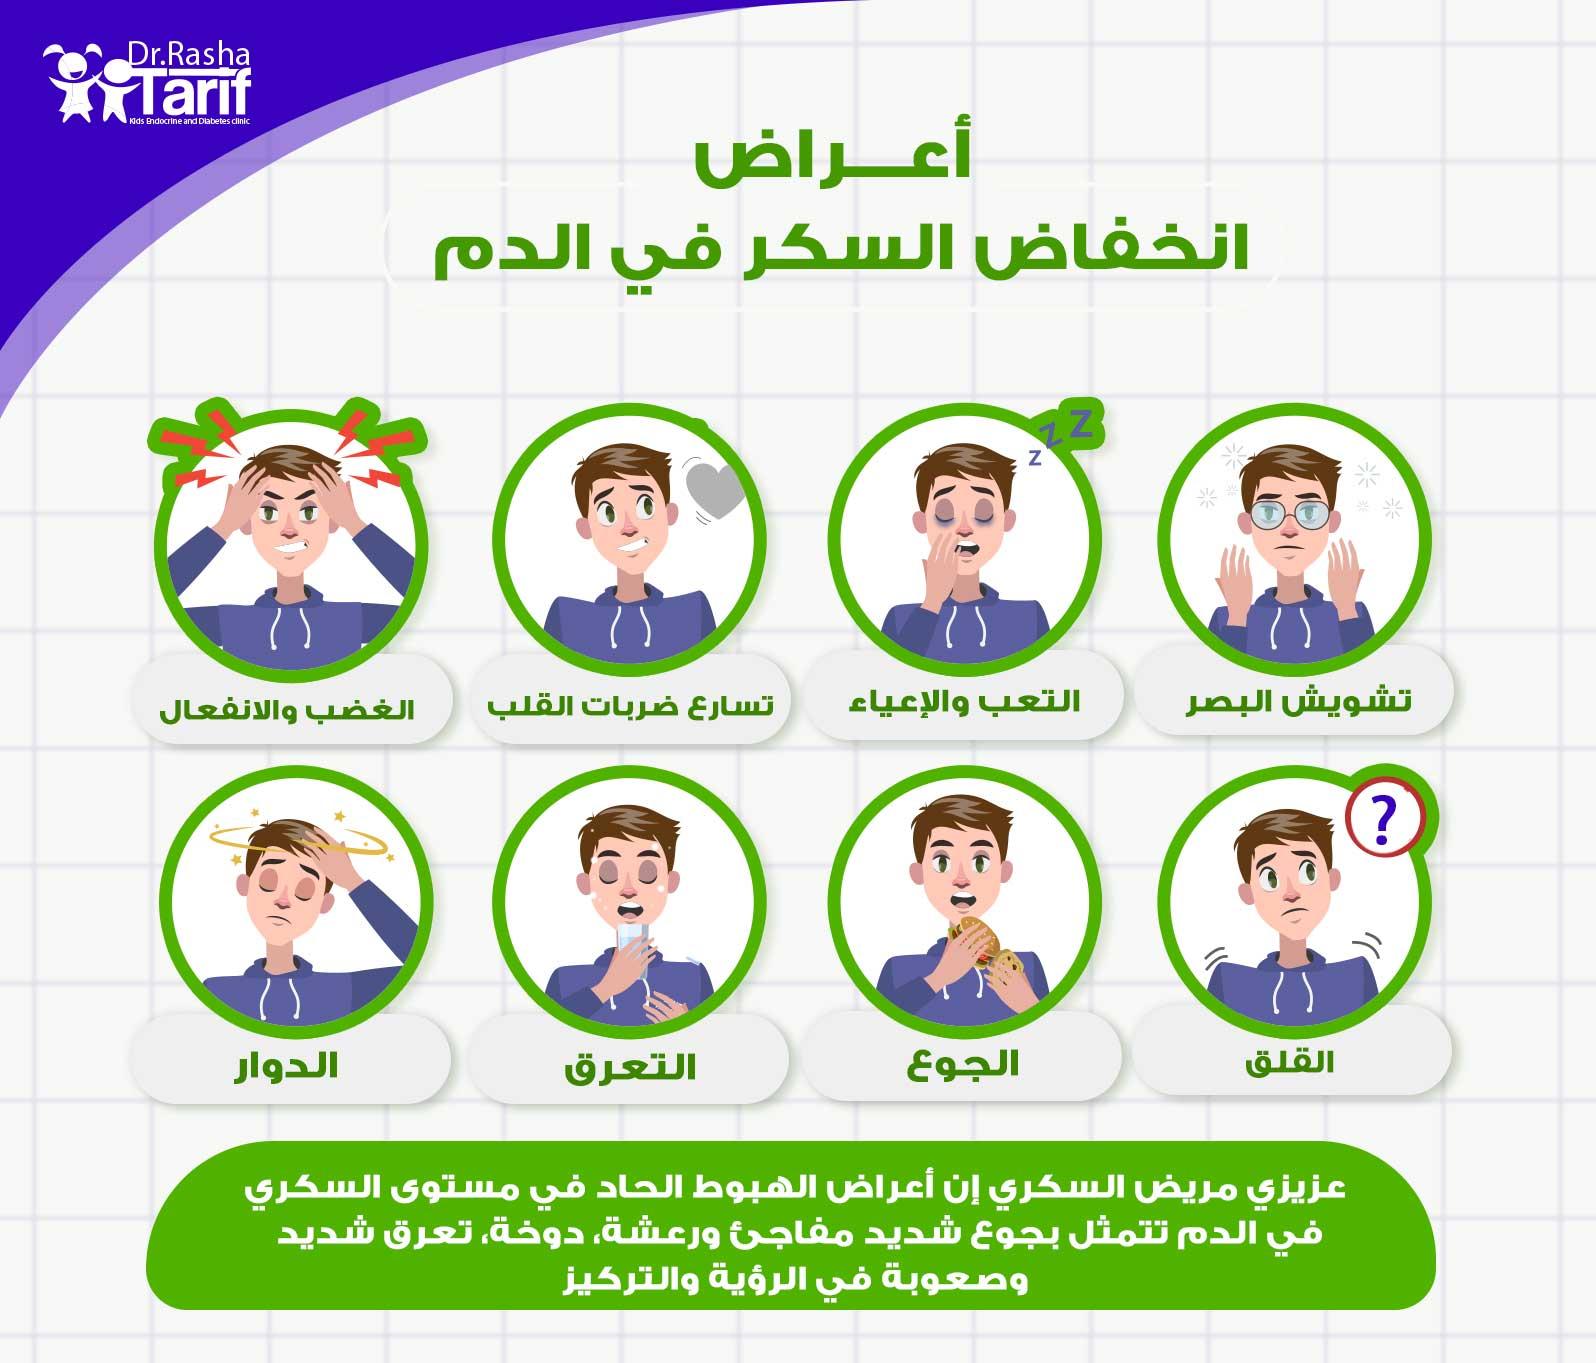 أعراض انخفاض السكر في الدم وضرورة الإسراع بالفحص Rasha Tarif